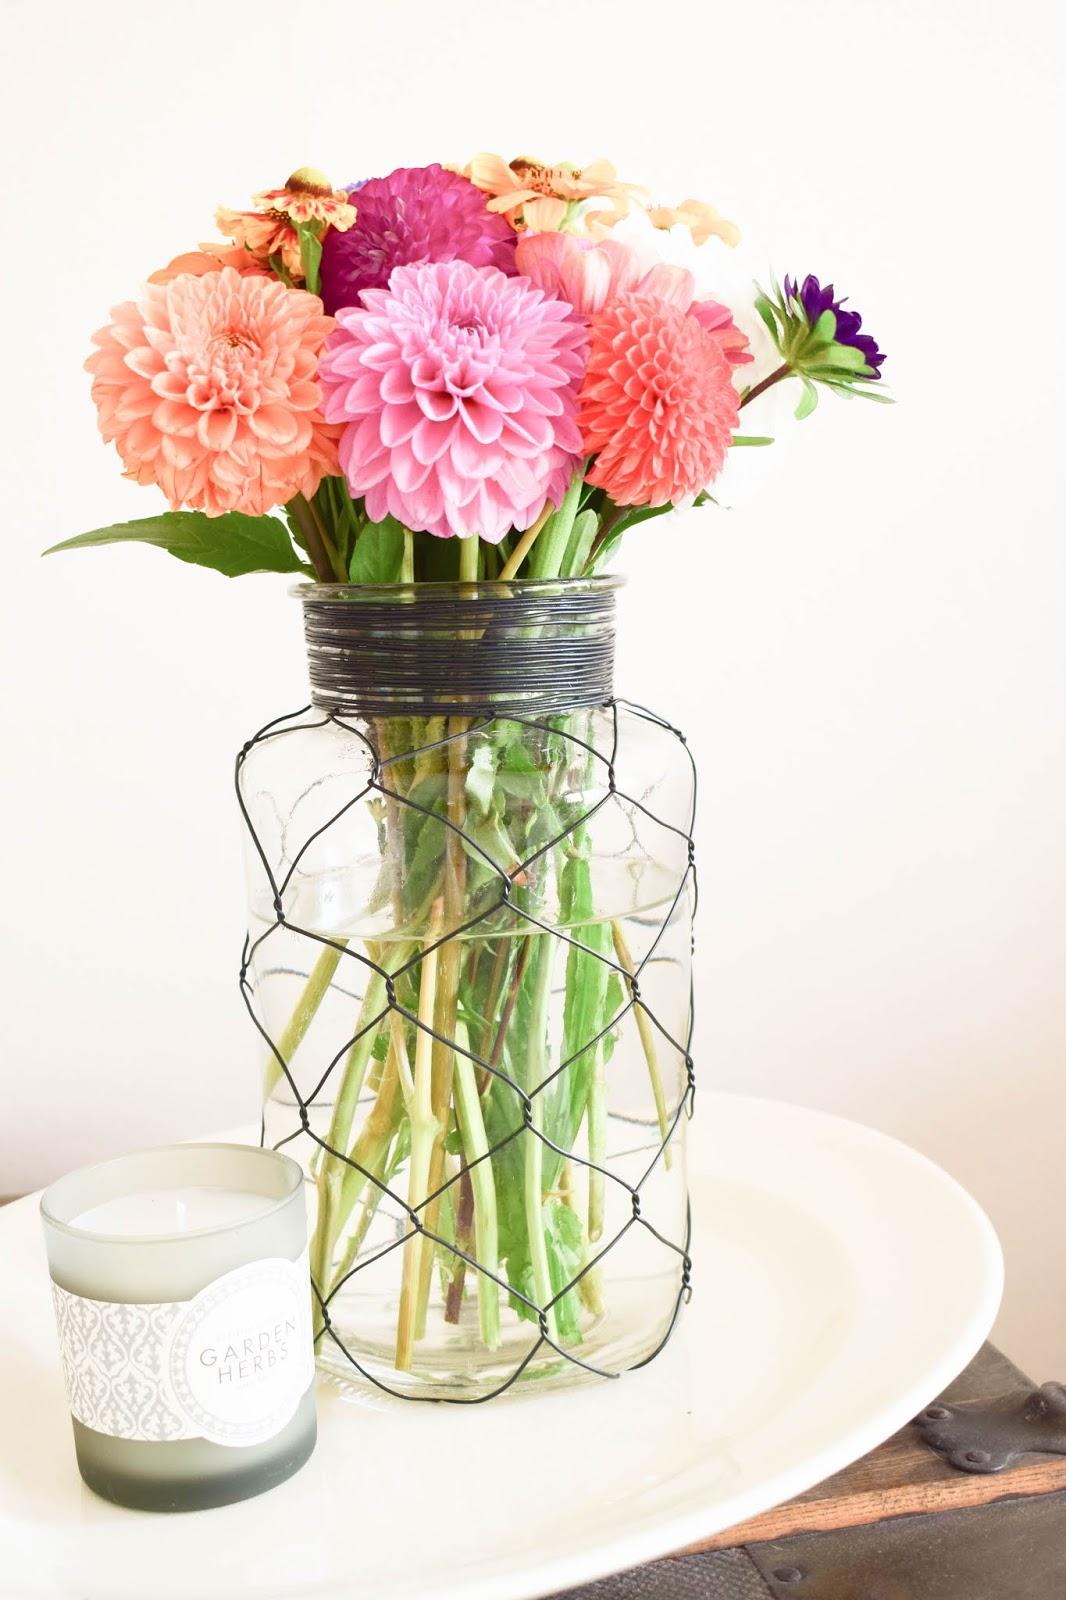 Blumenstrauss für den Sommer: Dahlien und tollen Blüten. Dekoidee mit Blumen